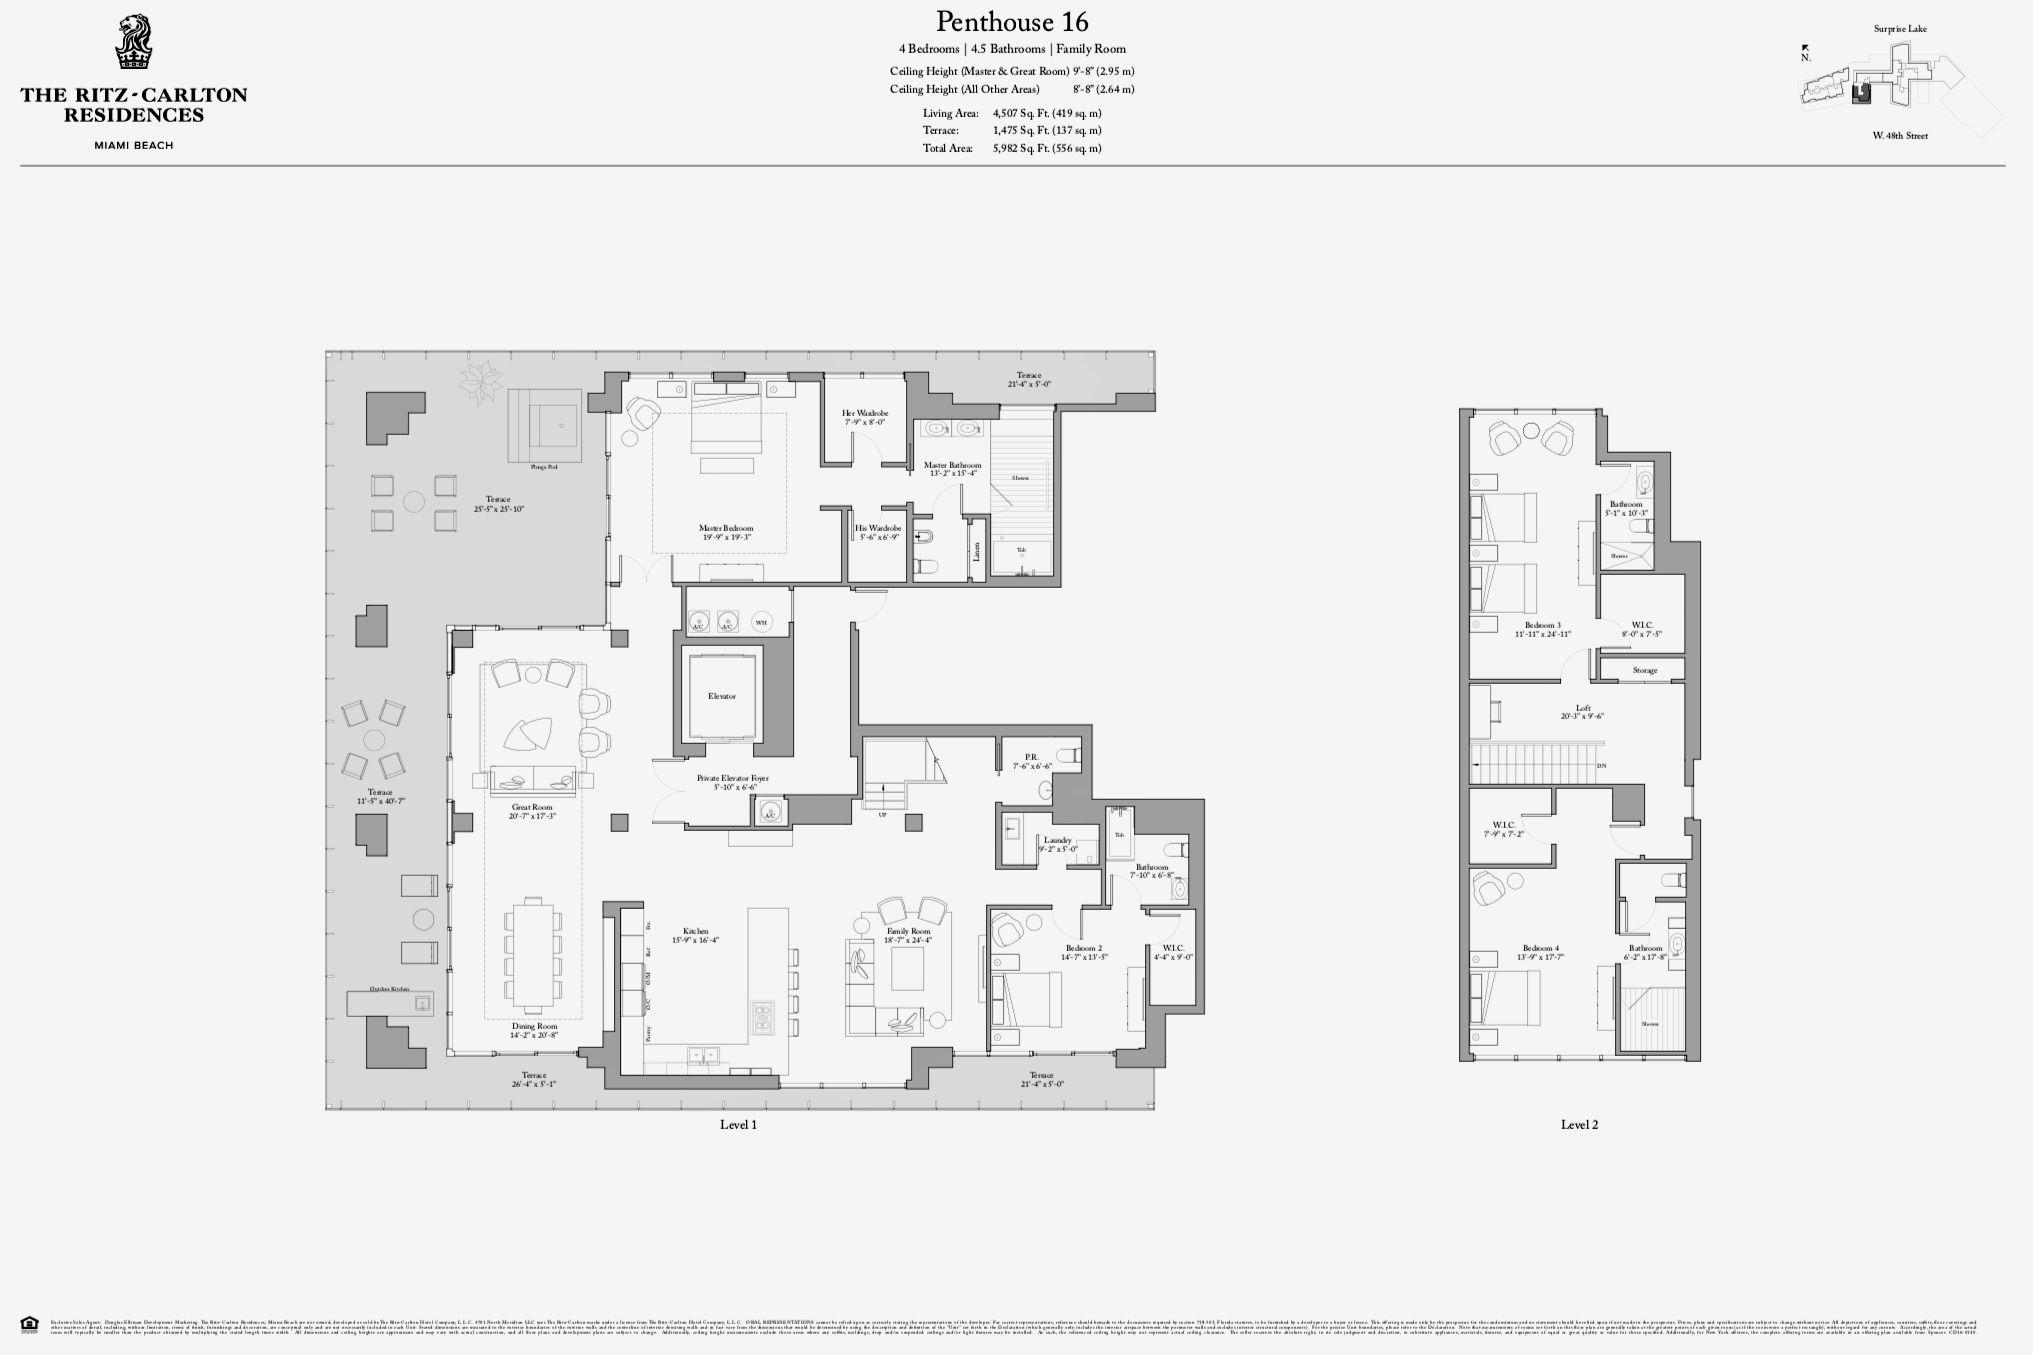 The Ritz Carlton Residences Miami Beach Penthouse 16 Miami Beach Condo Hotel Plan Miami Beach Penthouse